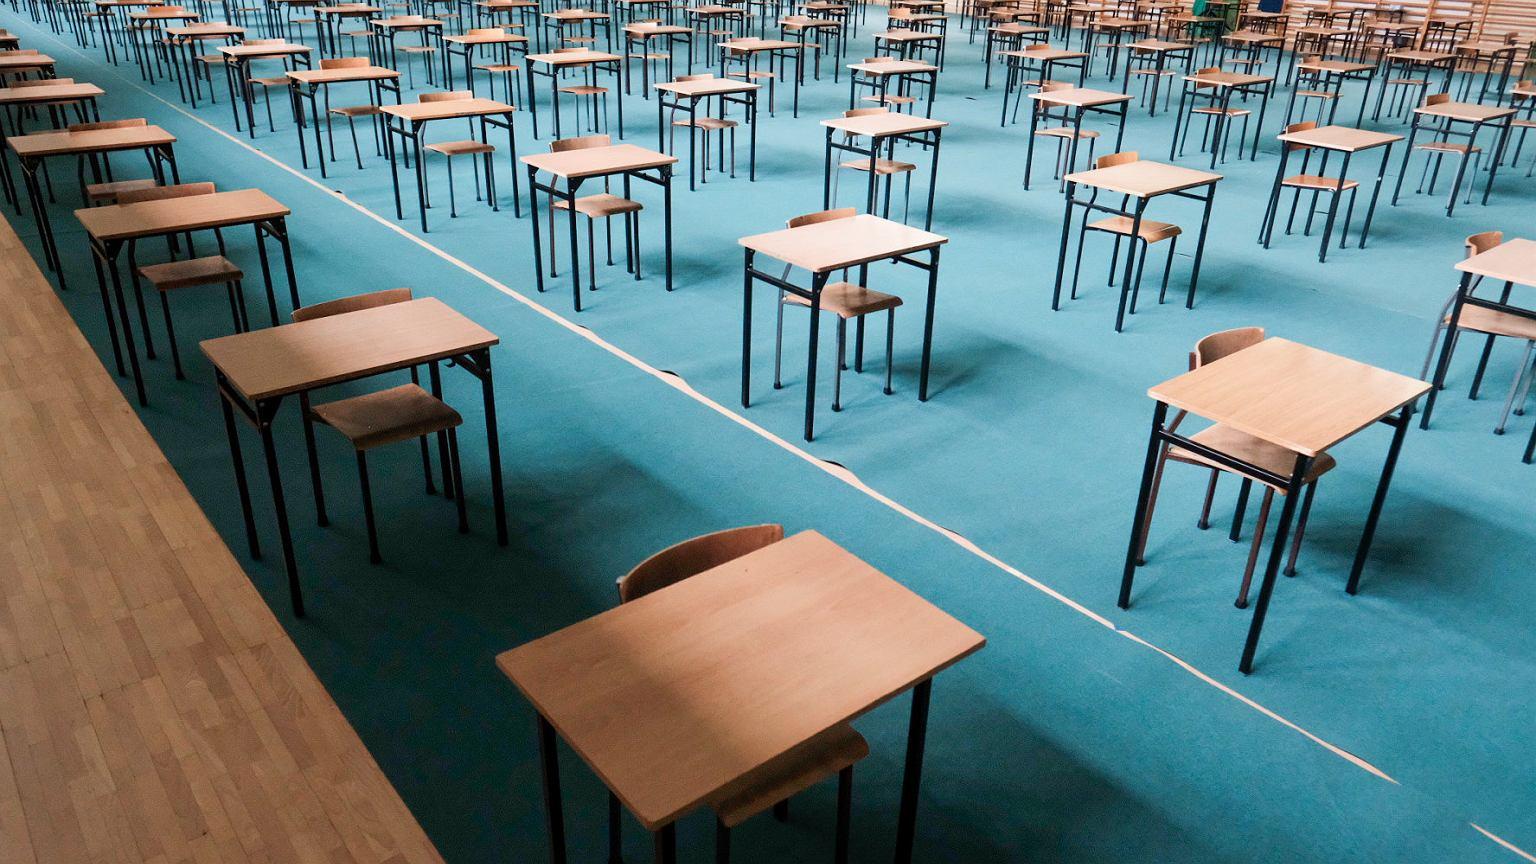 Jak będzie wyglądał egzamin ósmoklasisty 2020? Co można ze sobą zabrać? Kiedy się zacznie?